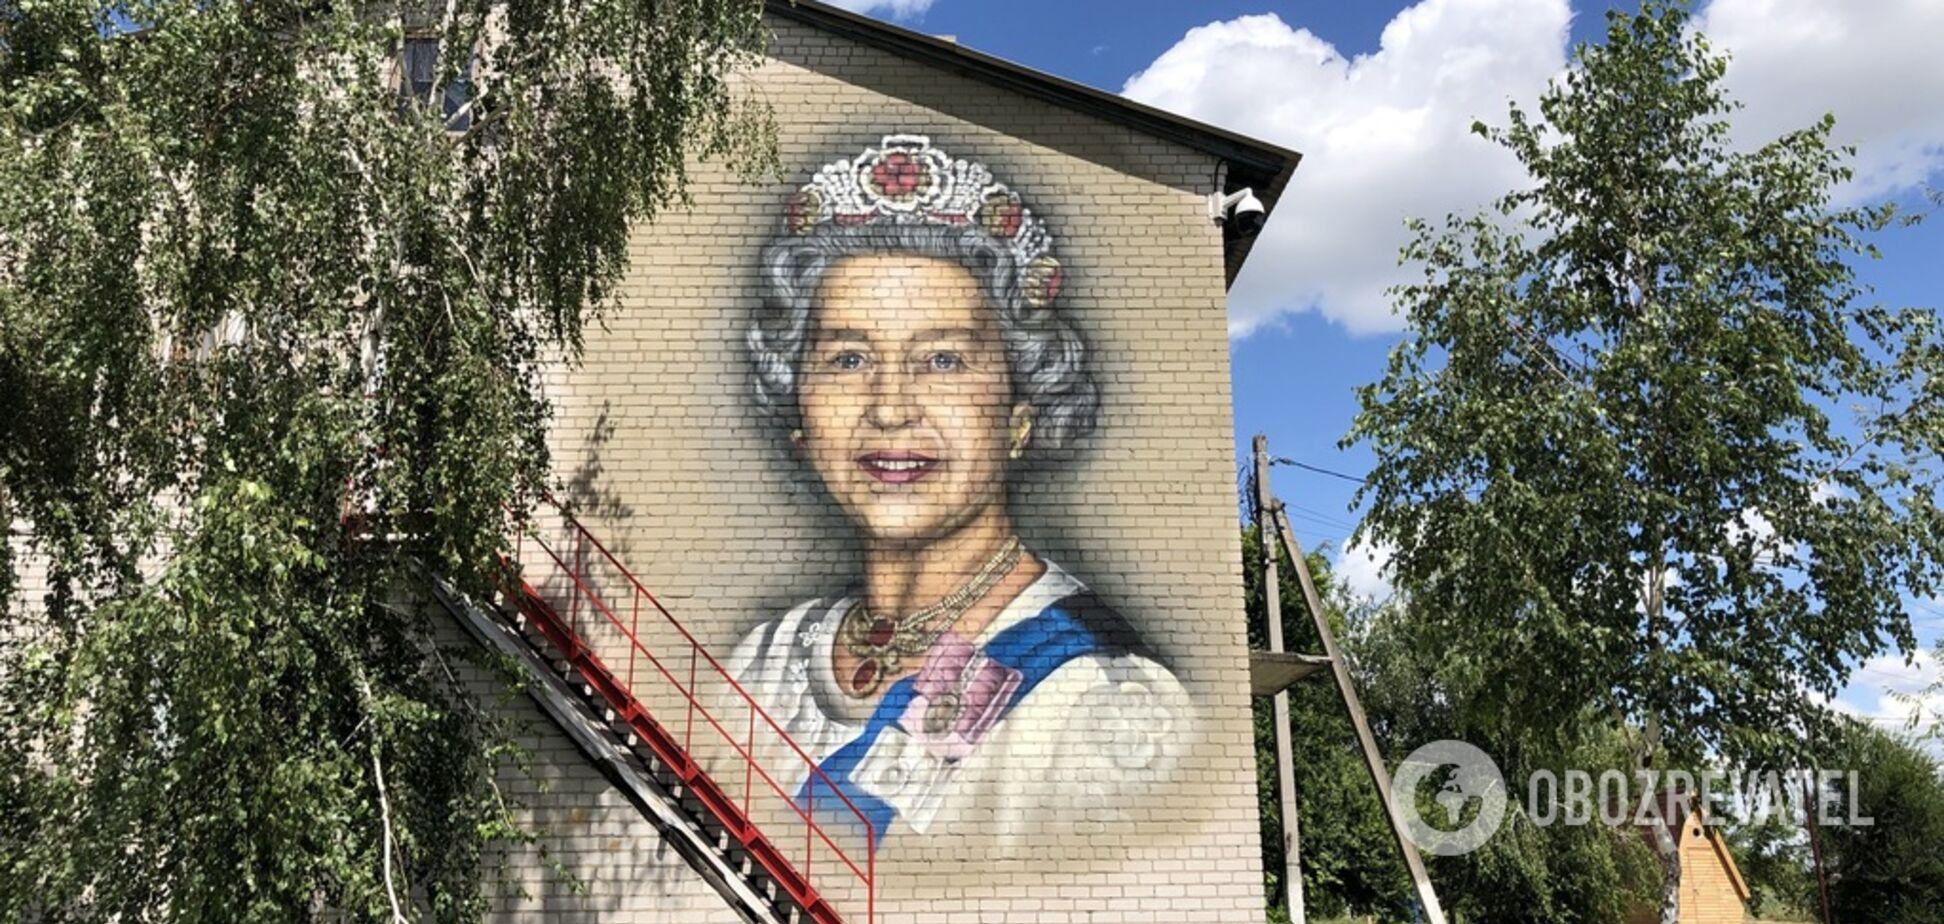 Королева Єлизавета II 'піарить' сільську раду під Дніпром